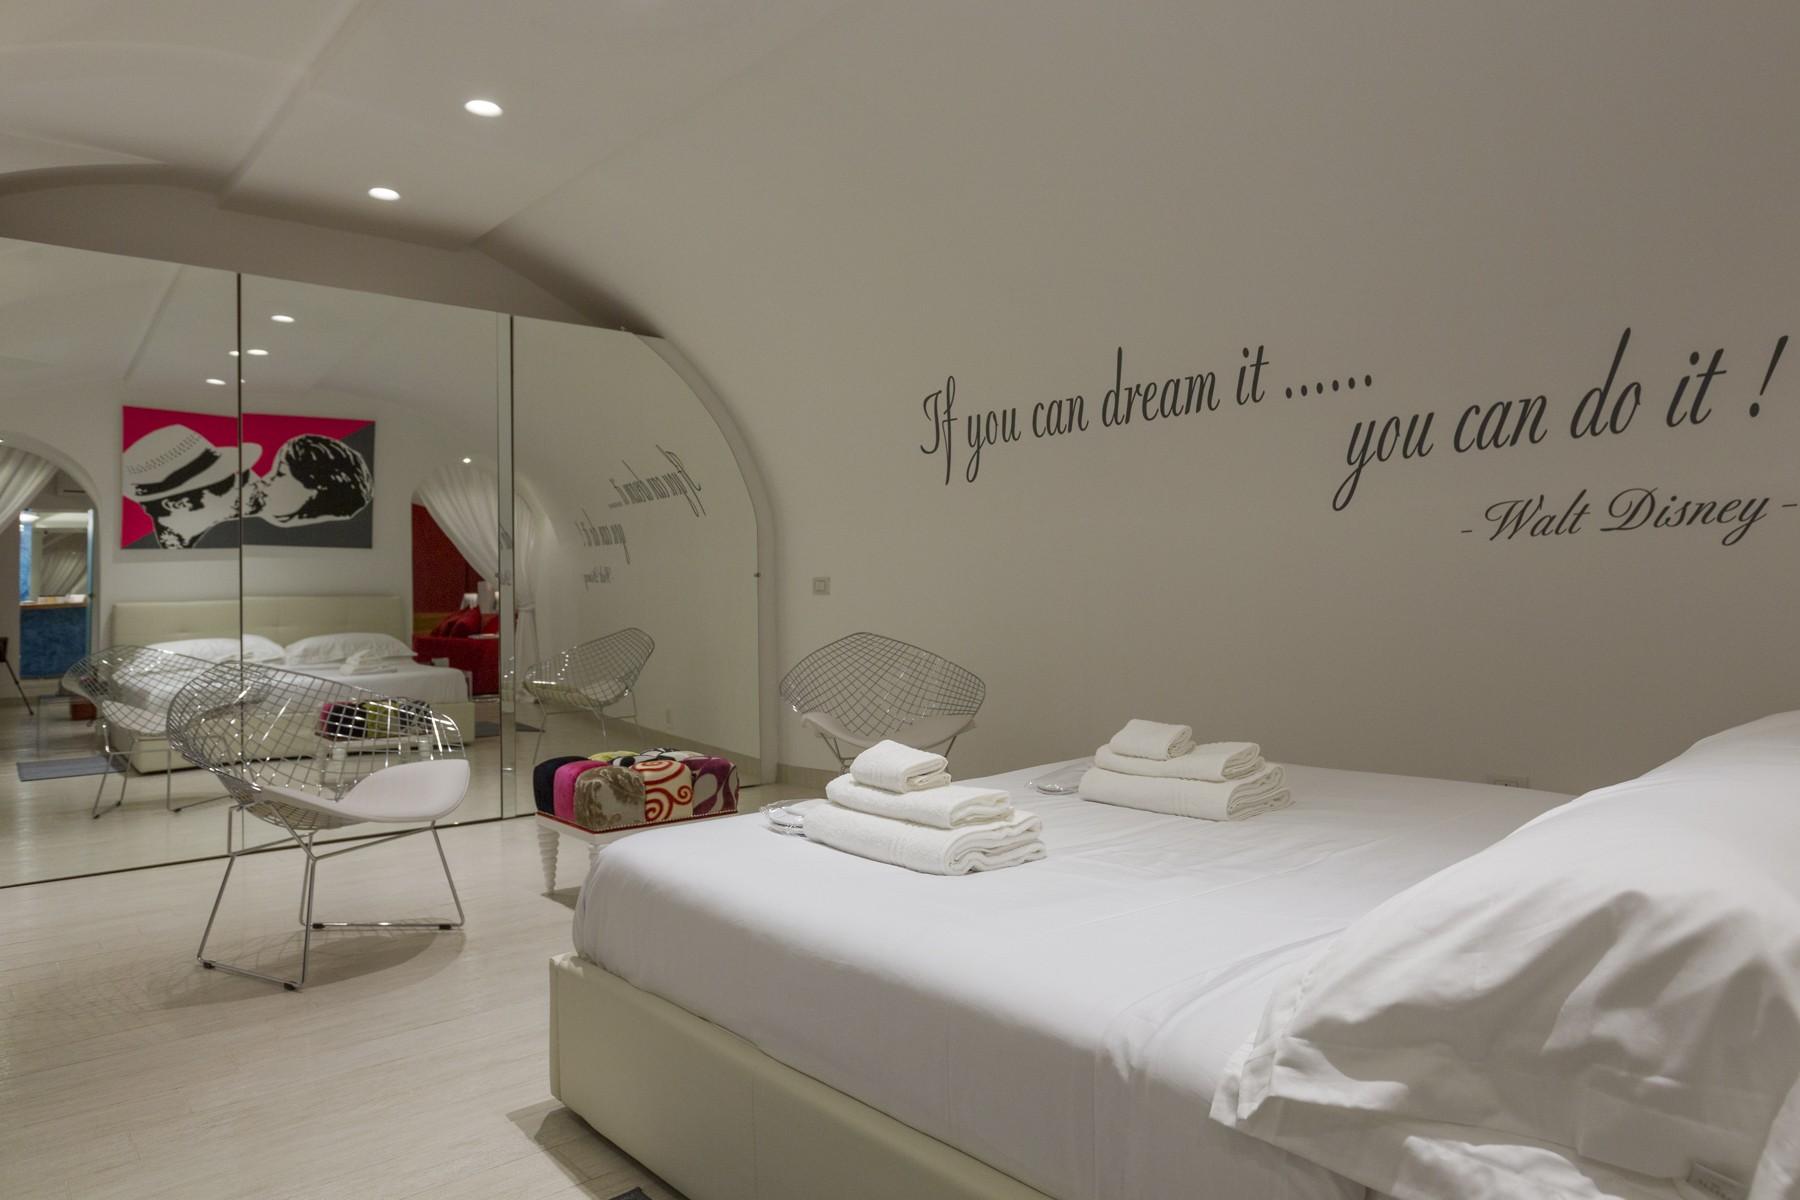 Casa indipendente di lusso in affitto a milano via cerva for Piani di casa di lusso 5 camere da letto